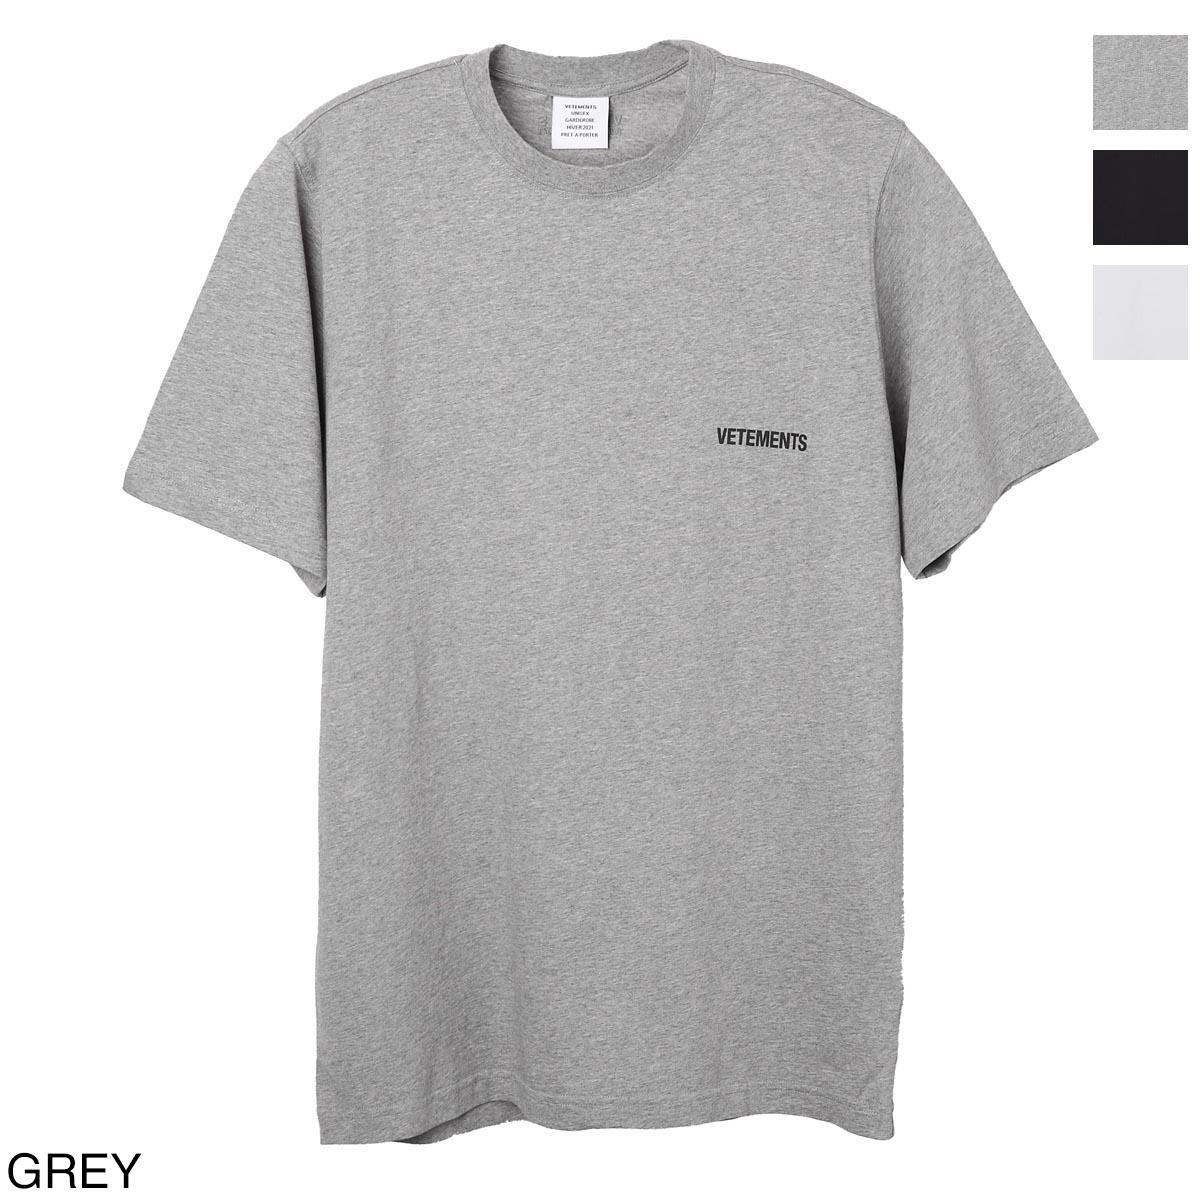 トップス, Tシャツ・カットソー  VETEMENTS T uah21tr501 grey LOGO FRONT BACK T-SHIRT